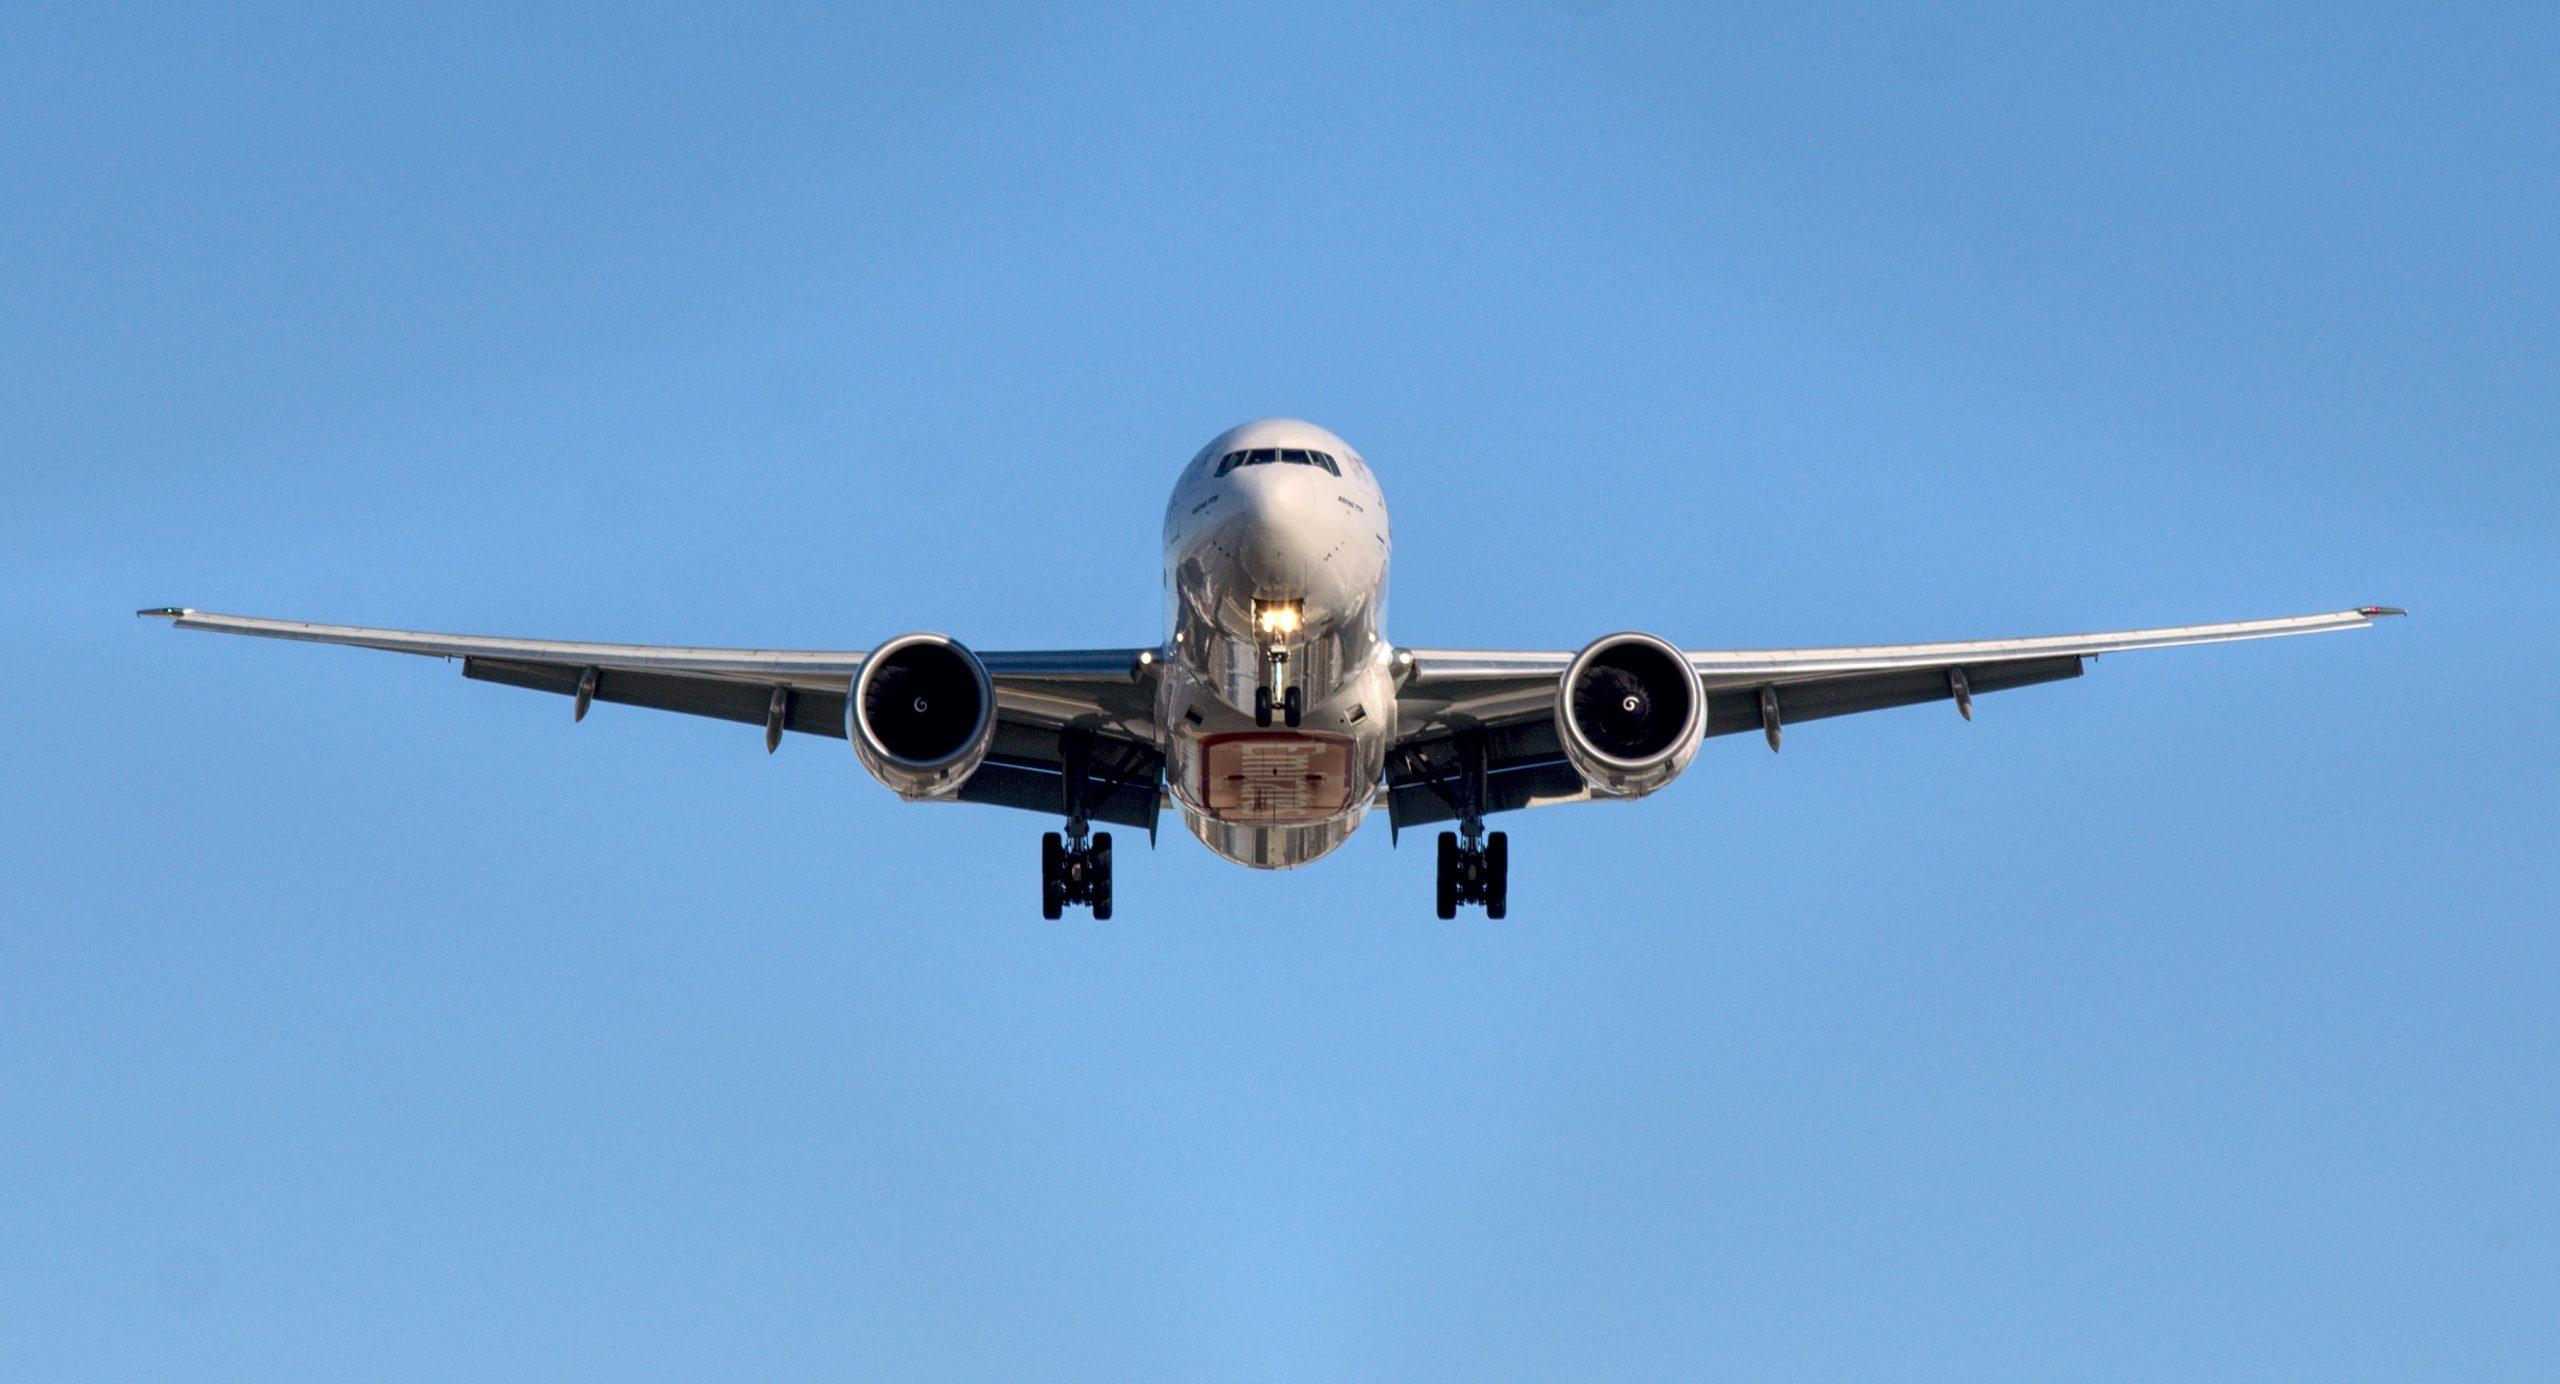 Deutschland: nach wie vor landen Flüge aus dem Iran ohne Kontrolle